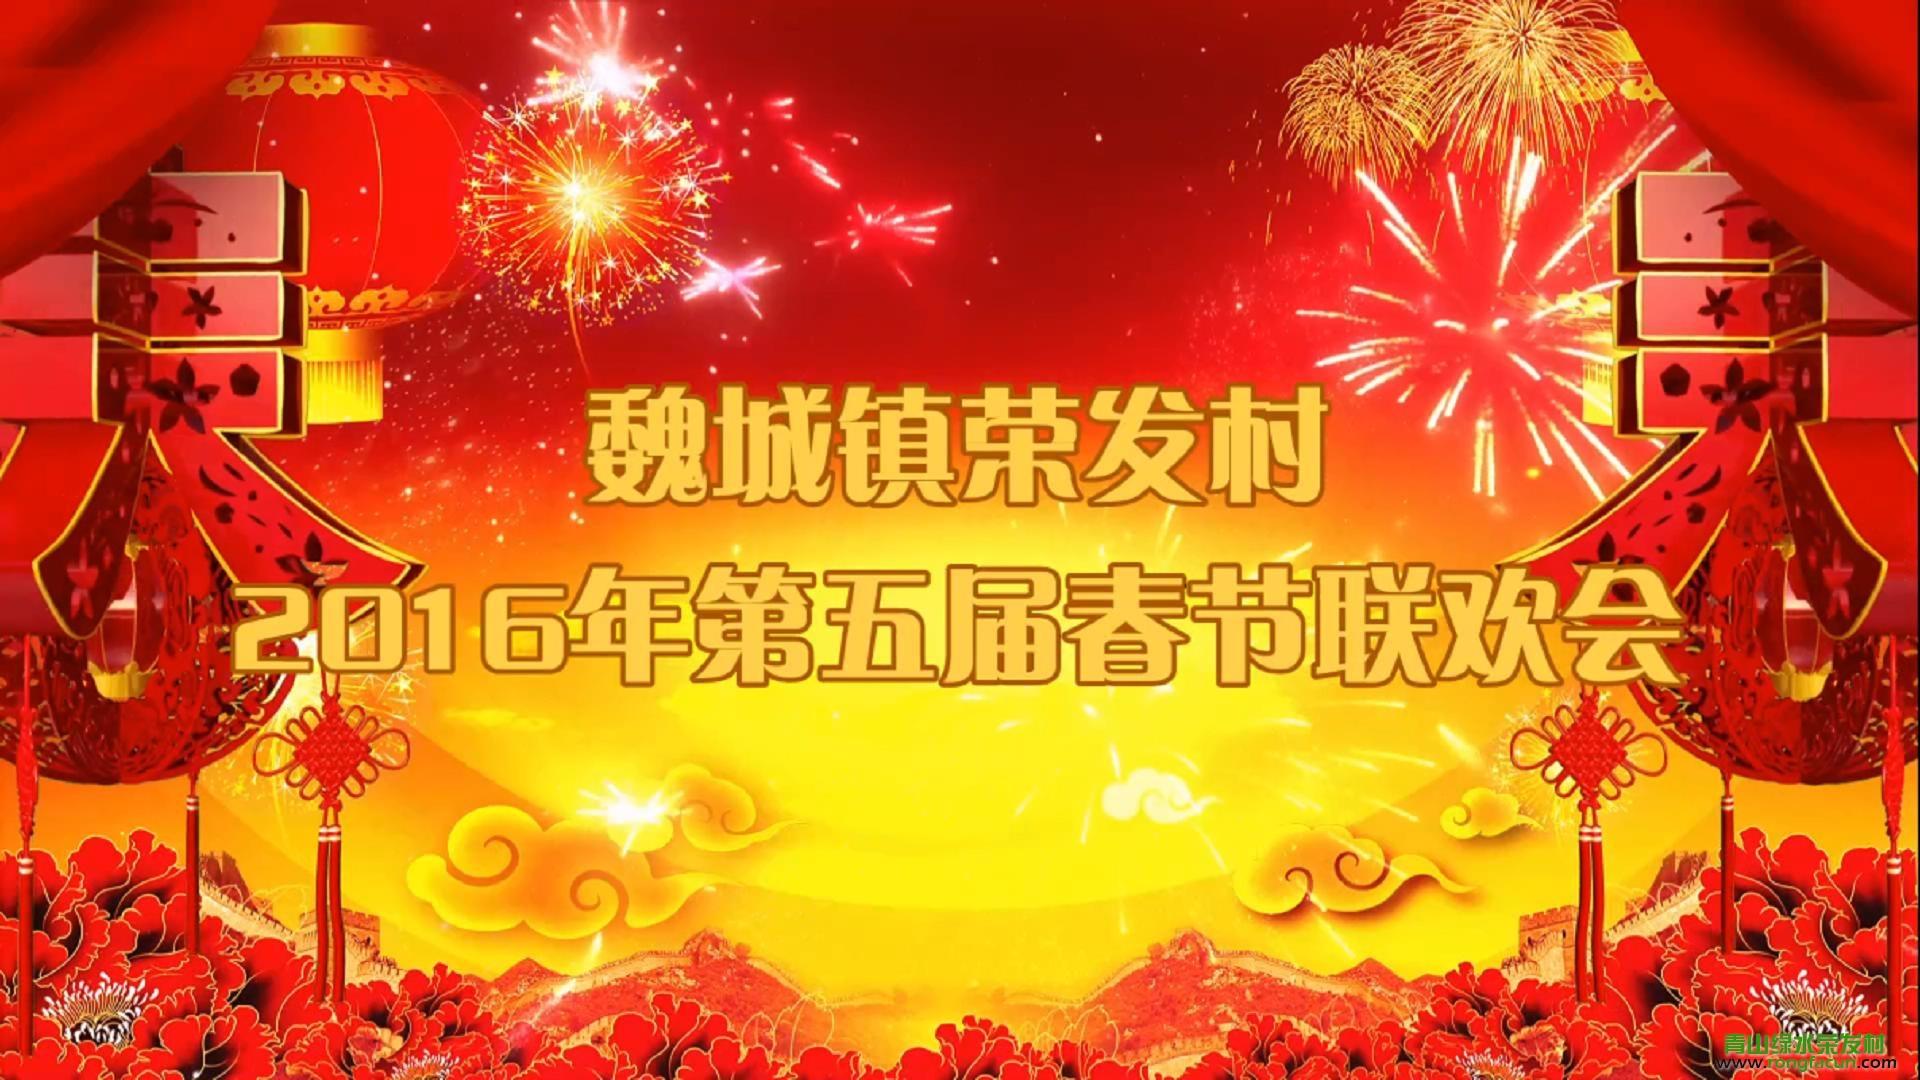 视频: 2016荣发村第五届春节联欢会纪念视频完整版-2016-春节联欢会-荣发村 第2张